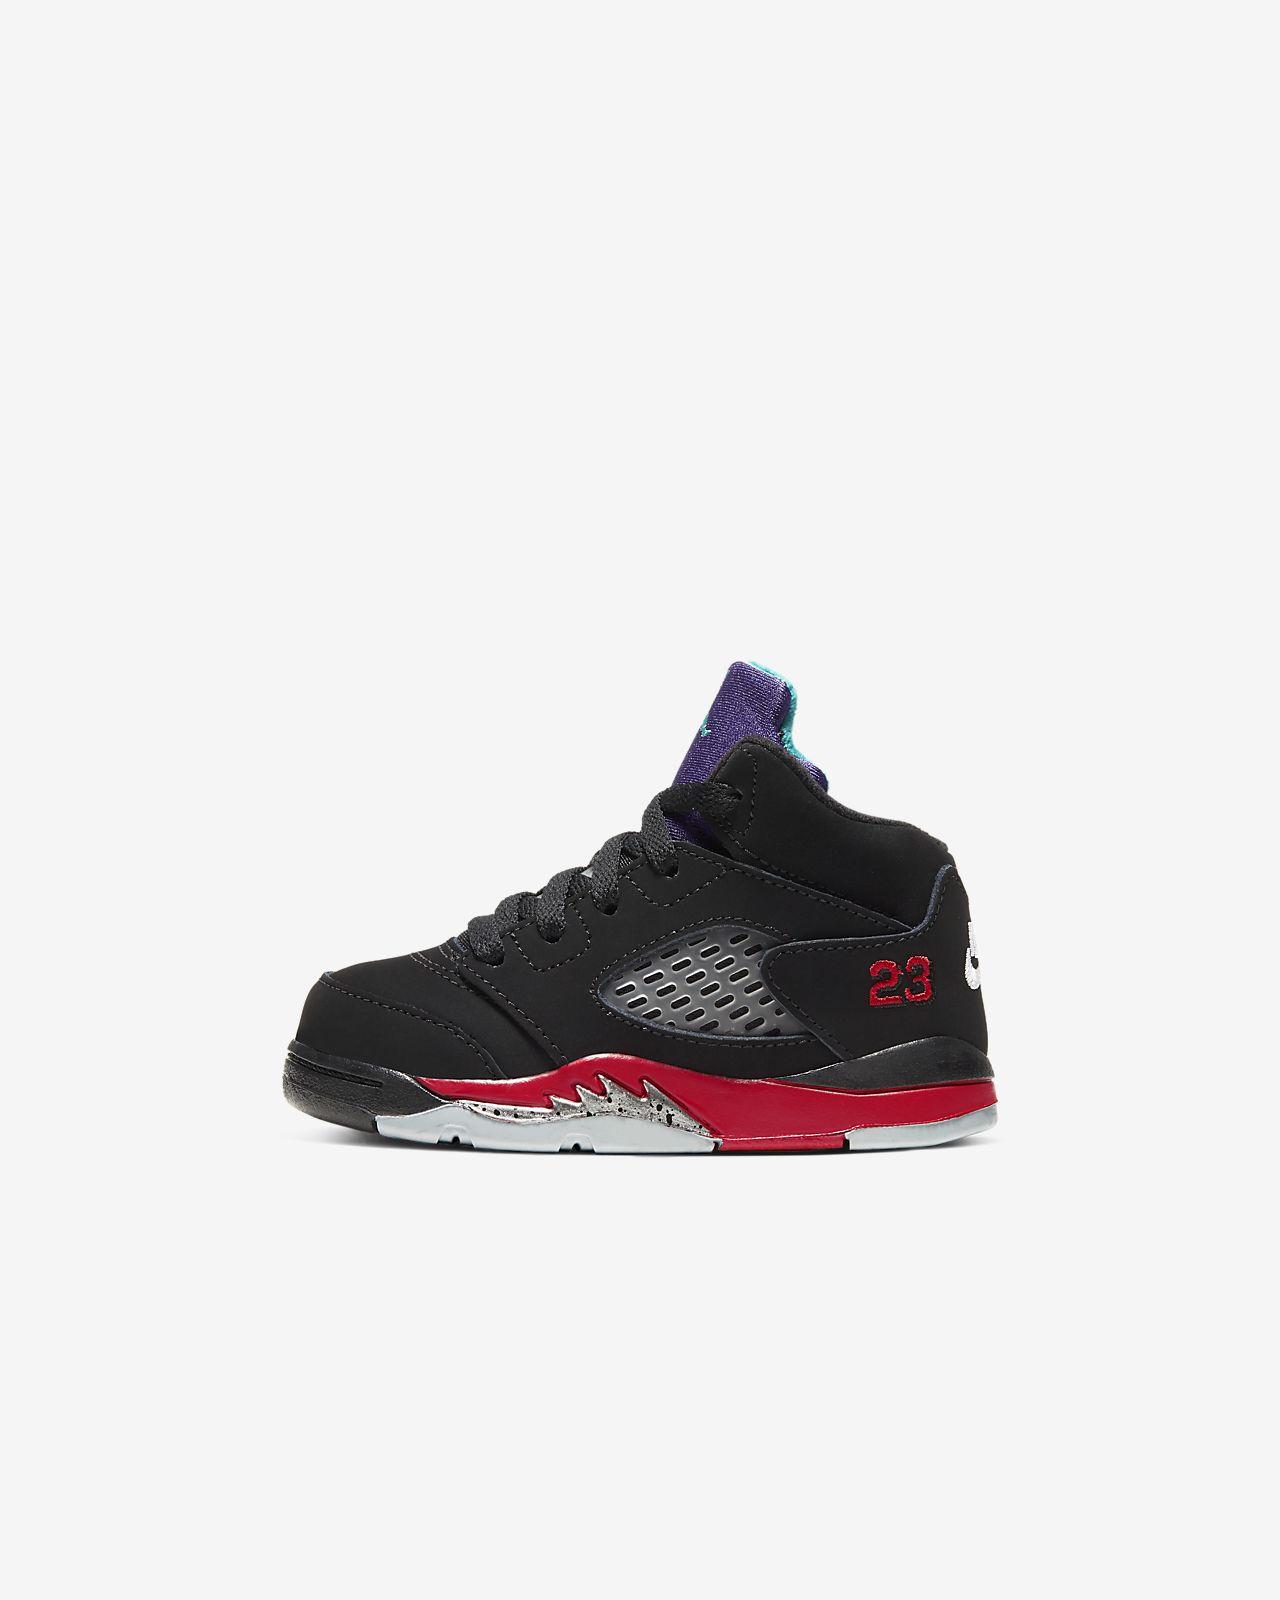 Jordan 5 Retro Schoen voor baby's/peuters